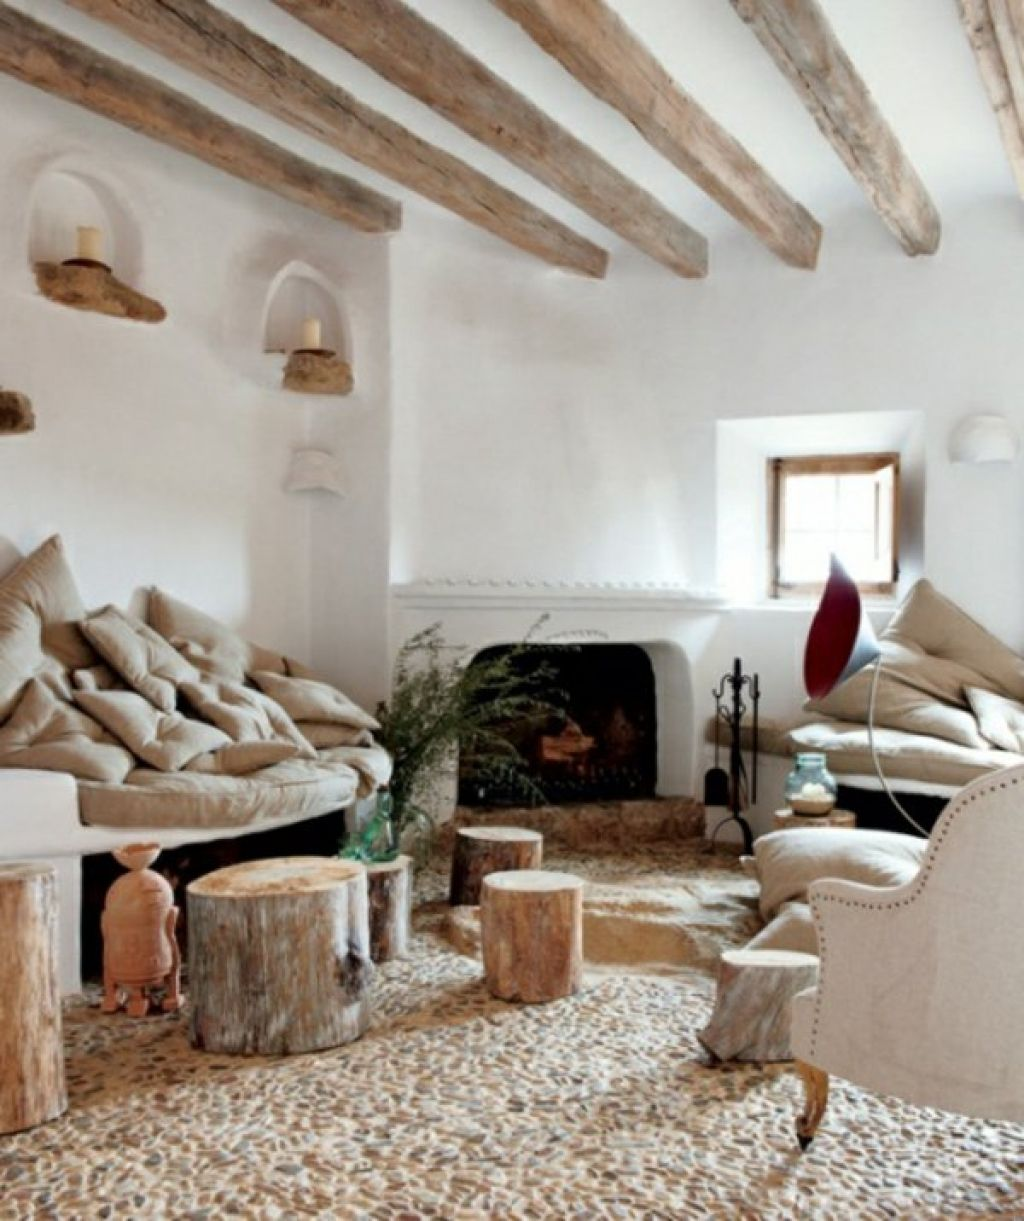 deko ideen wohnzimmer selber machen 21 kreative deko ideen aus ...